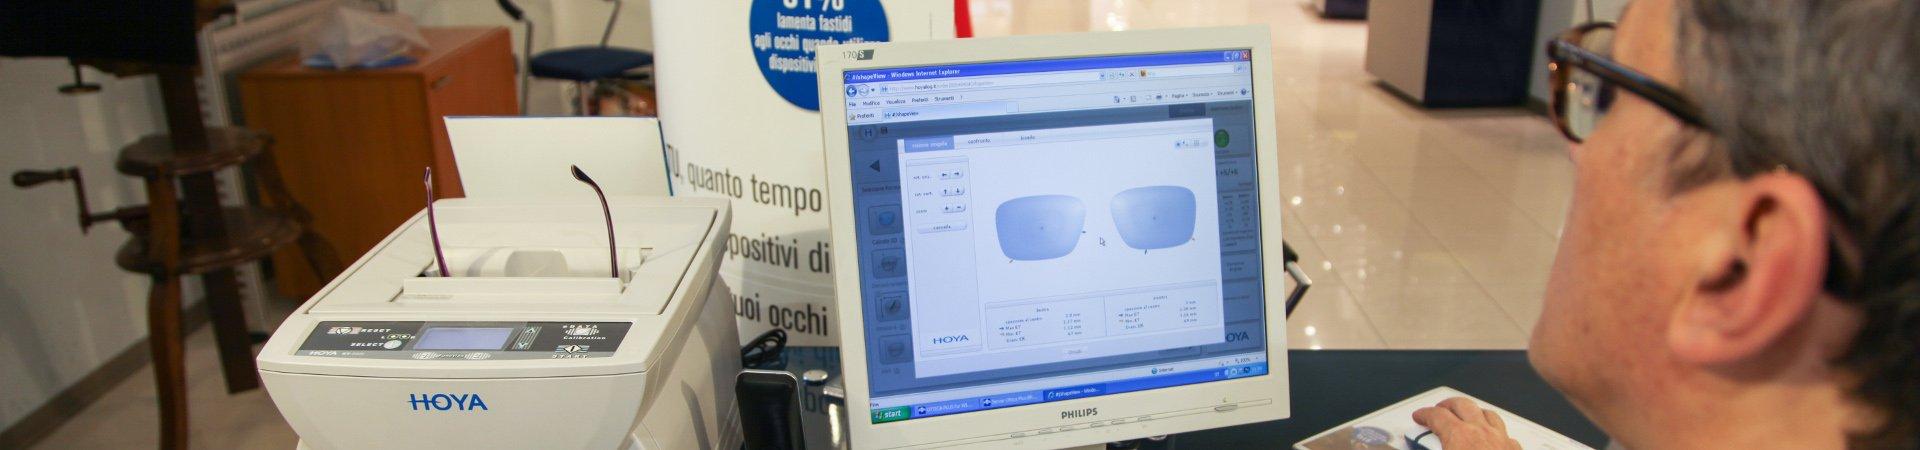 controllo ottico occhiali numero sul computer